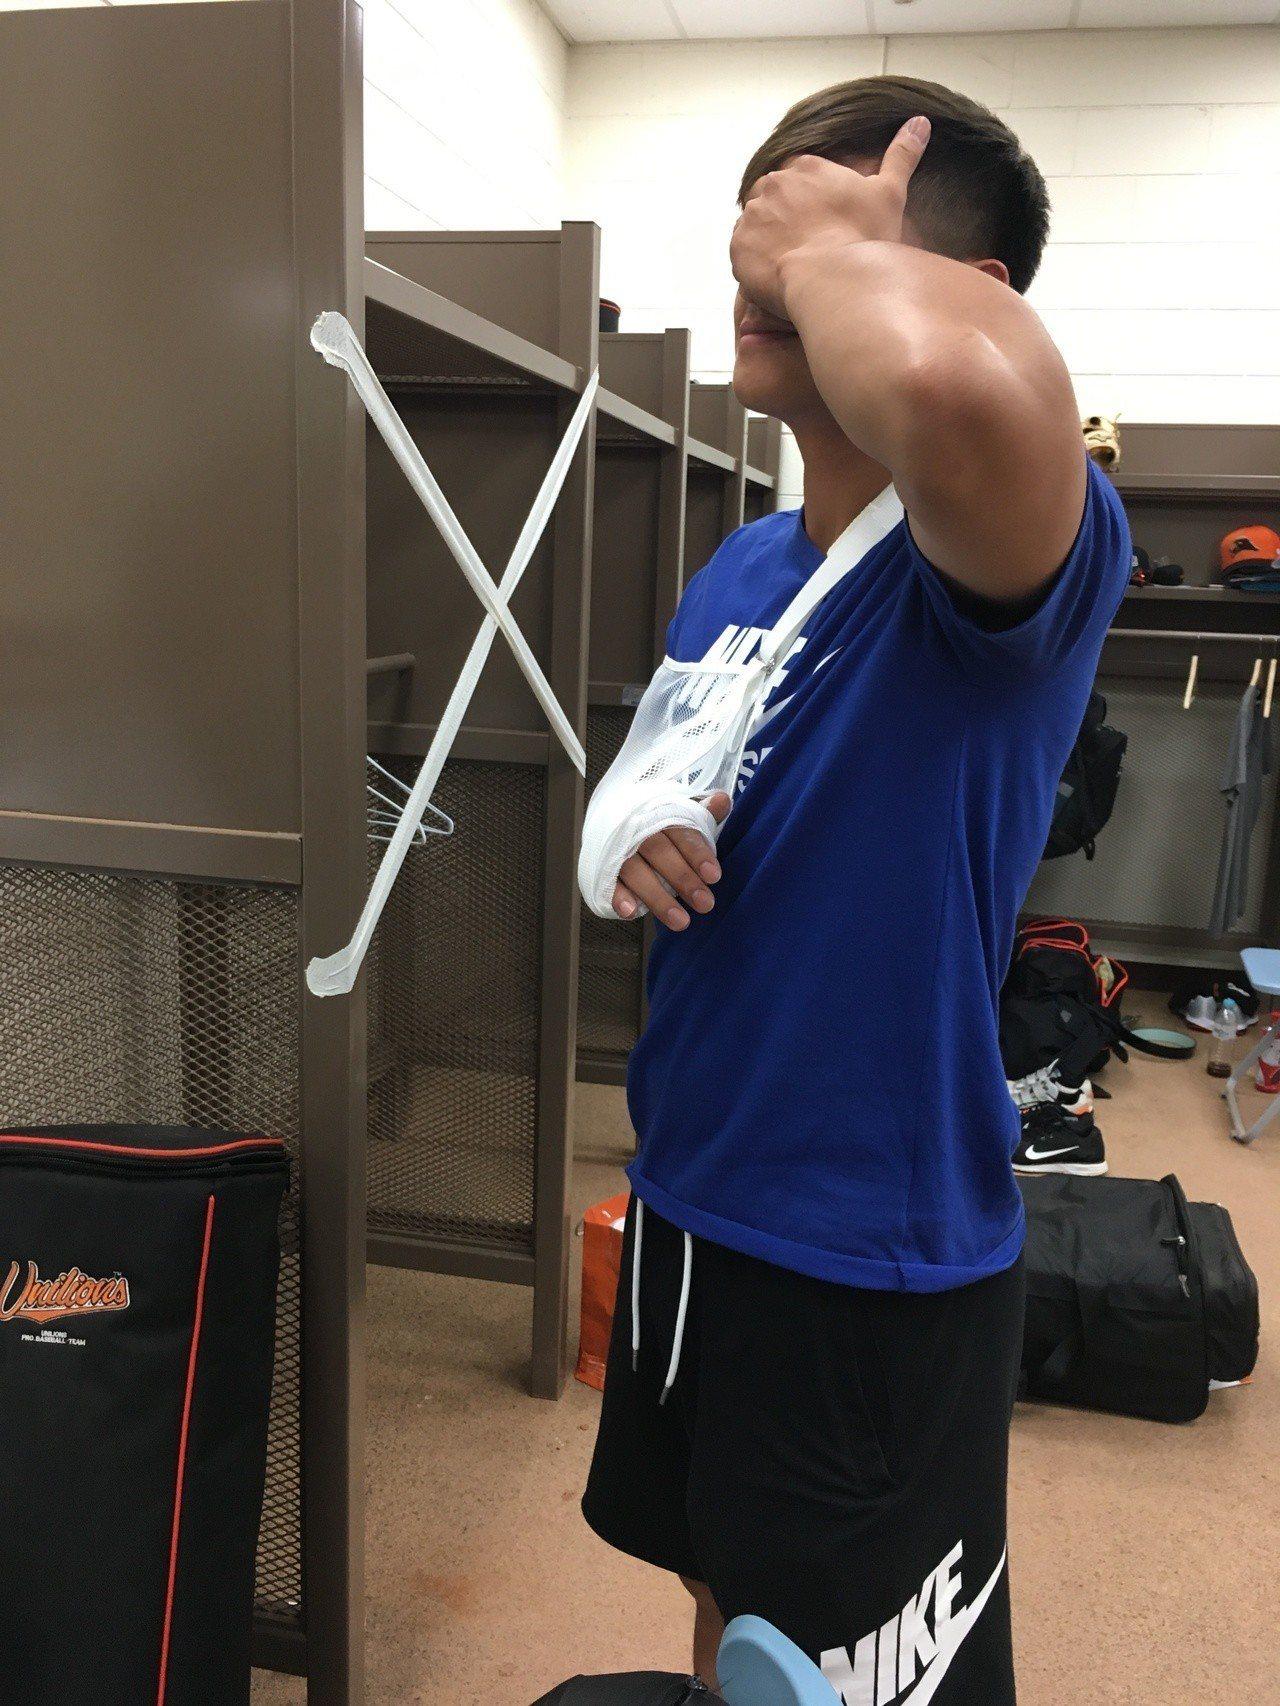 陳傑憲赴醫院檢查後回到球場,確定右手骨折。記者葉姵妤/攝影